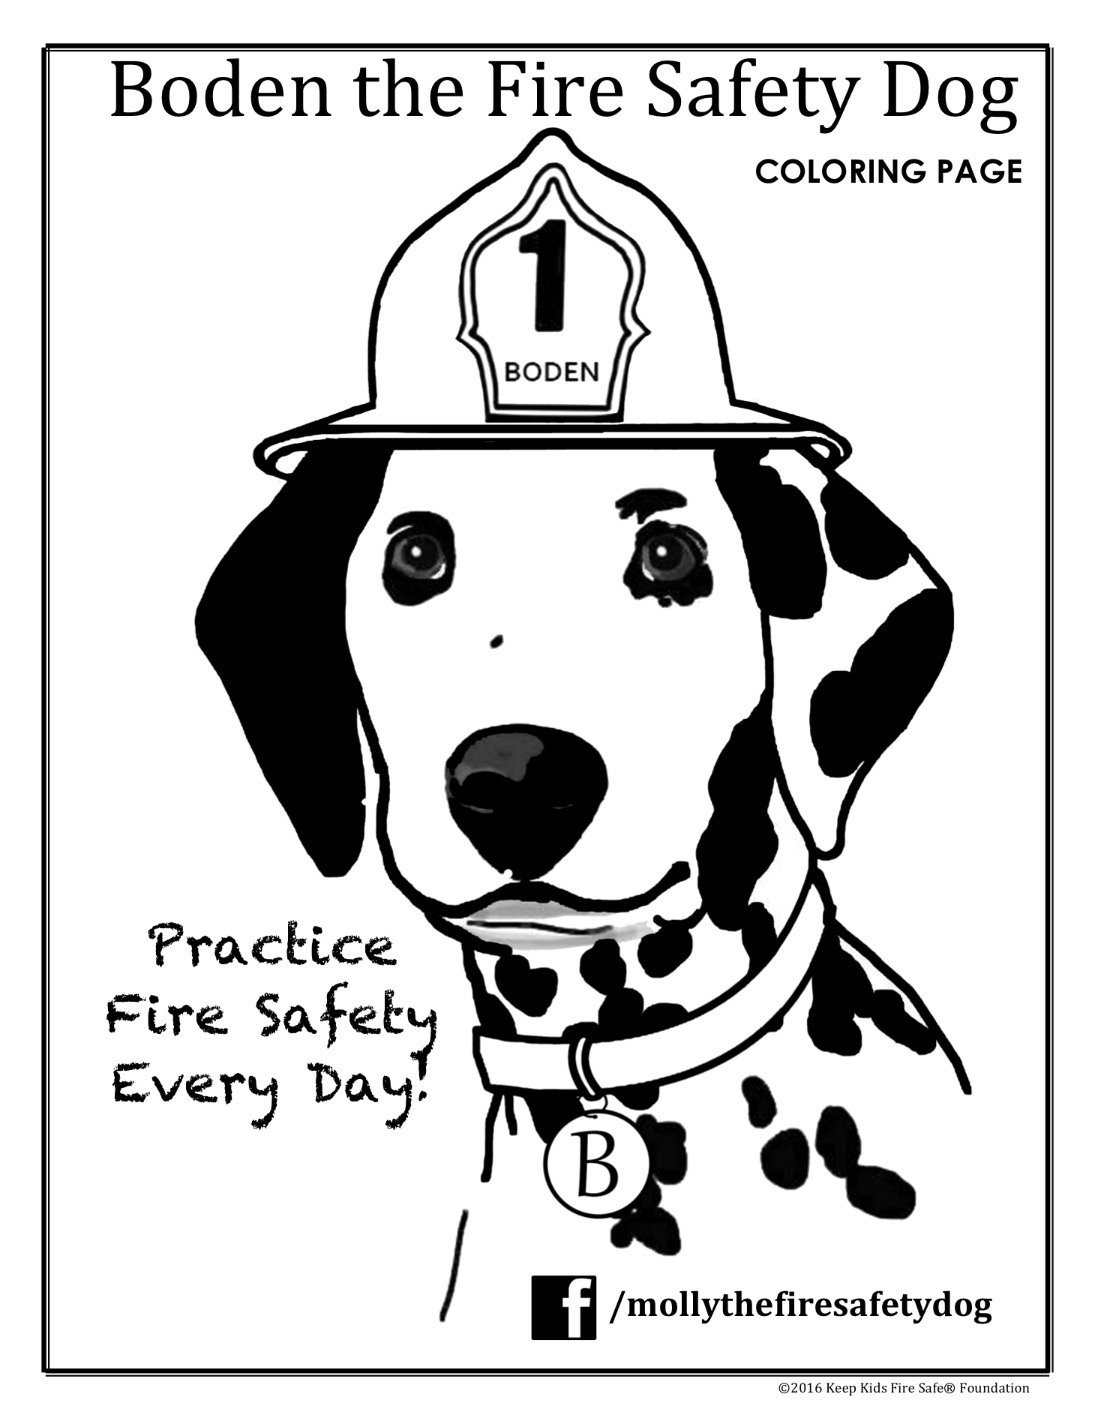 keep kids fire safe educators page